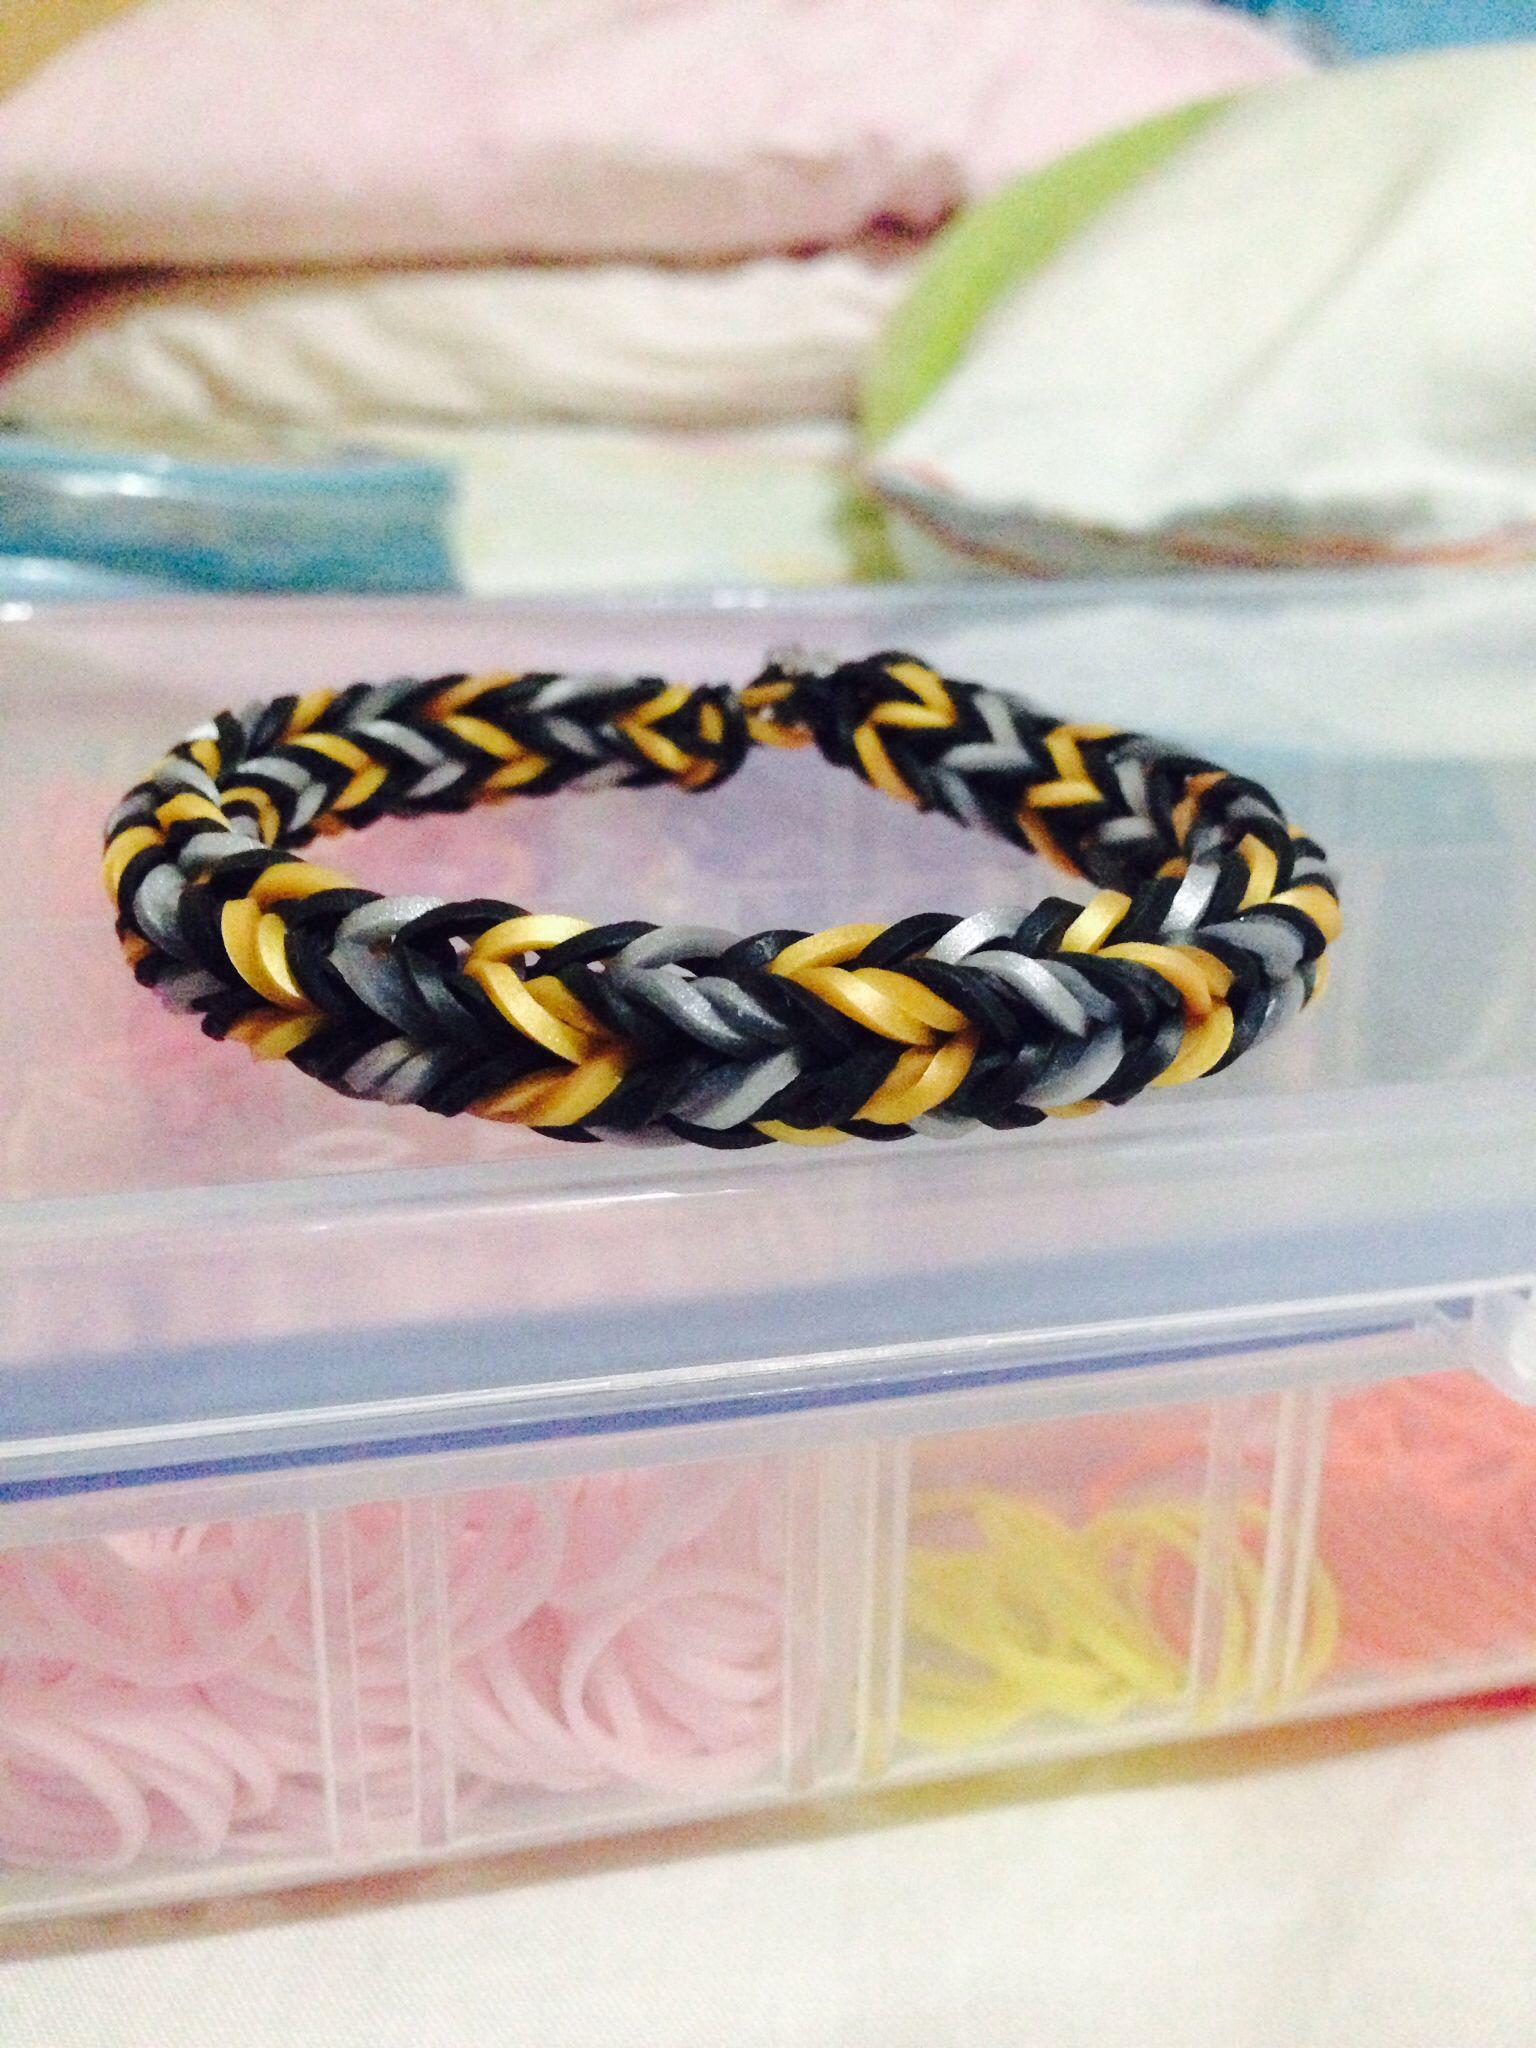 rainbow loom bracelet dragon fishtail using the monster